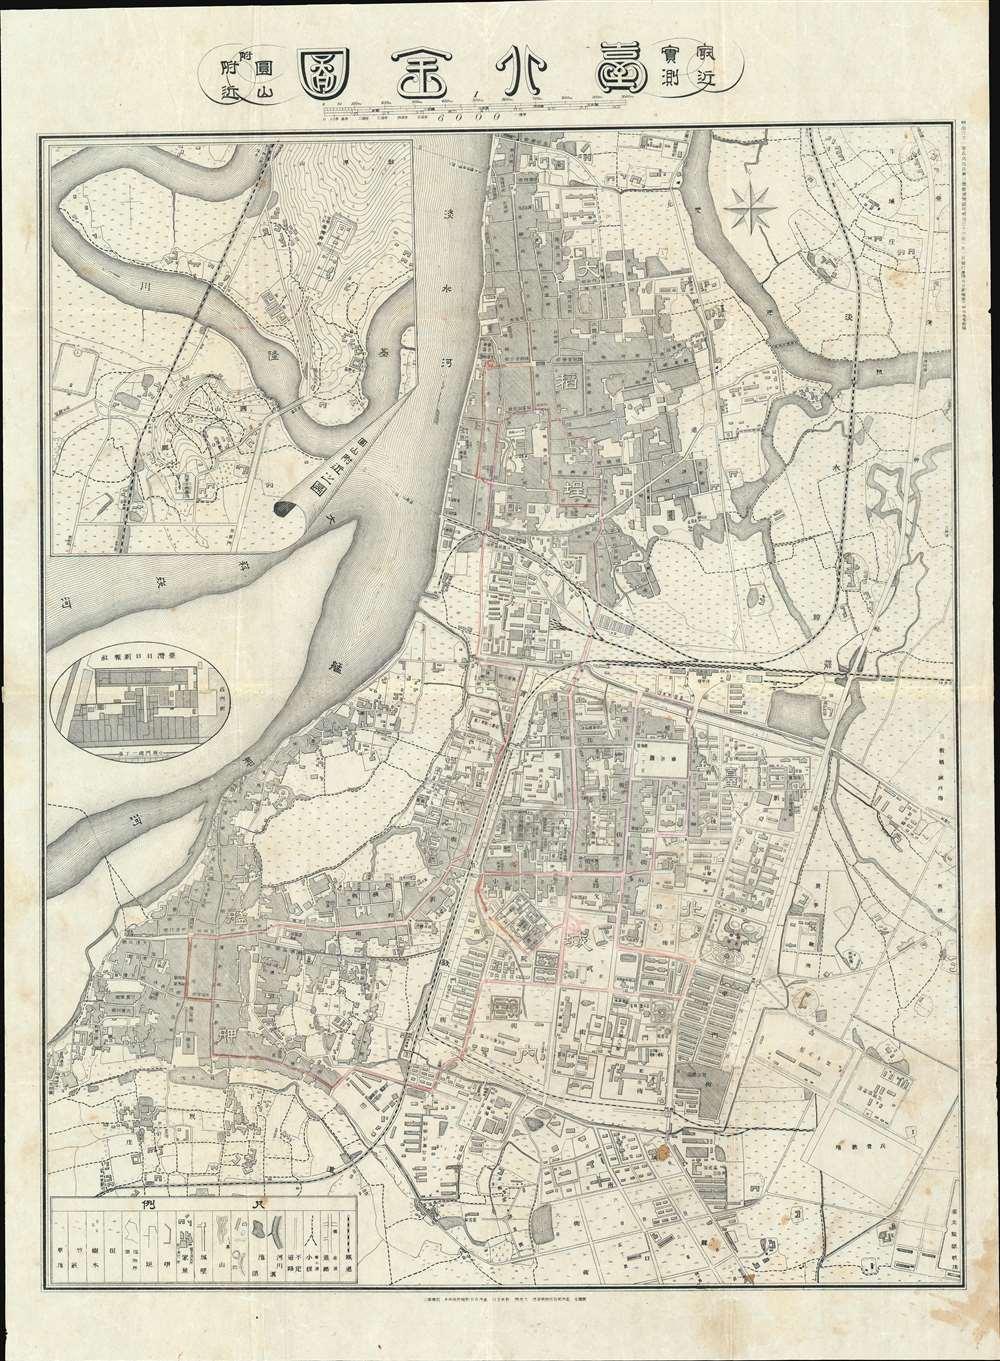 1903 Hiroshi Ōkura City Plan or Map of Taipei, Taiwan